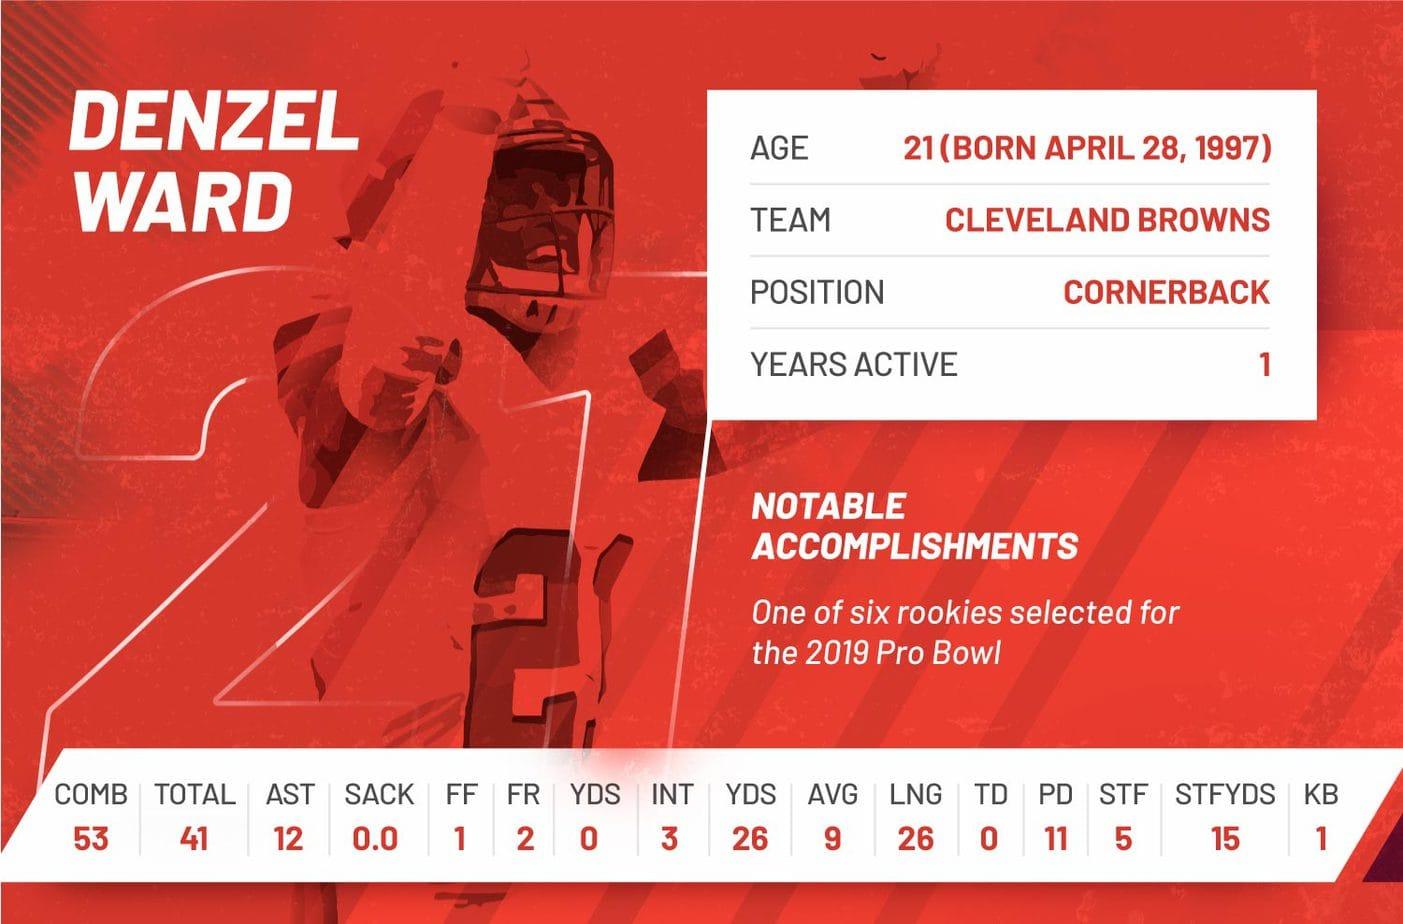 denzel ward nfl 2018 regular season stats